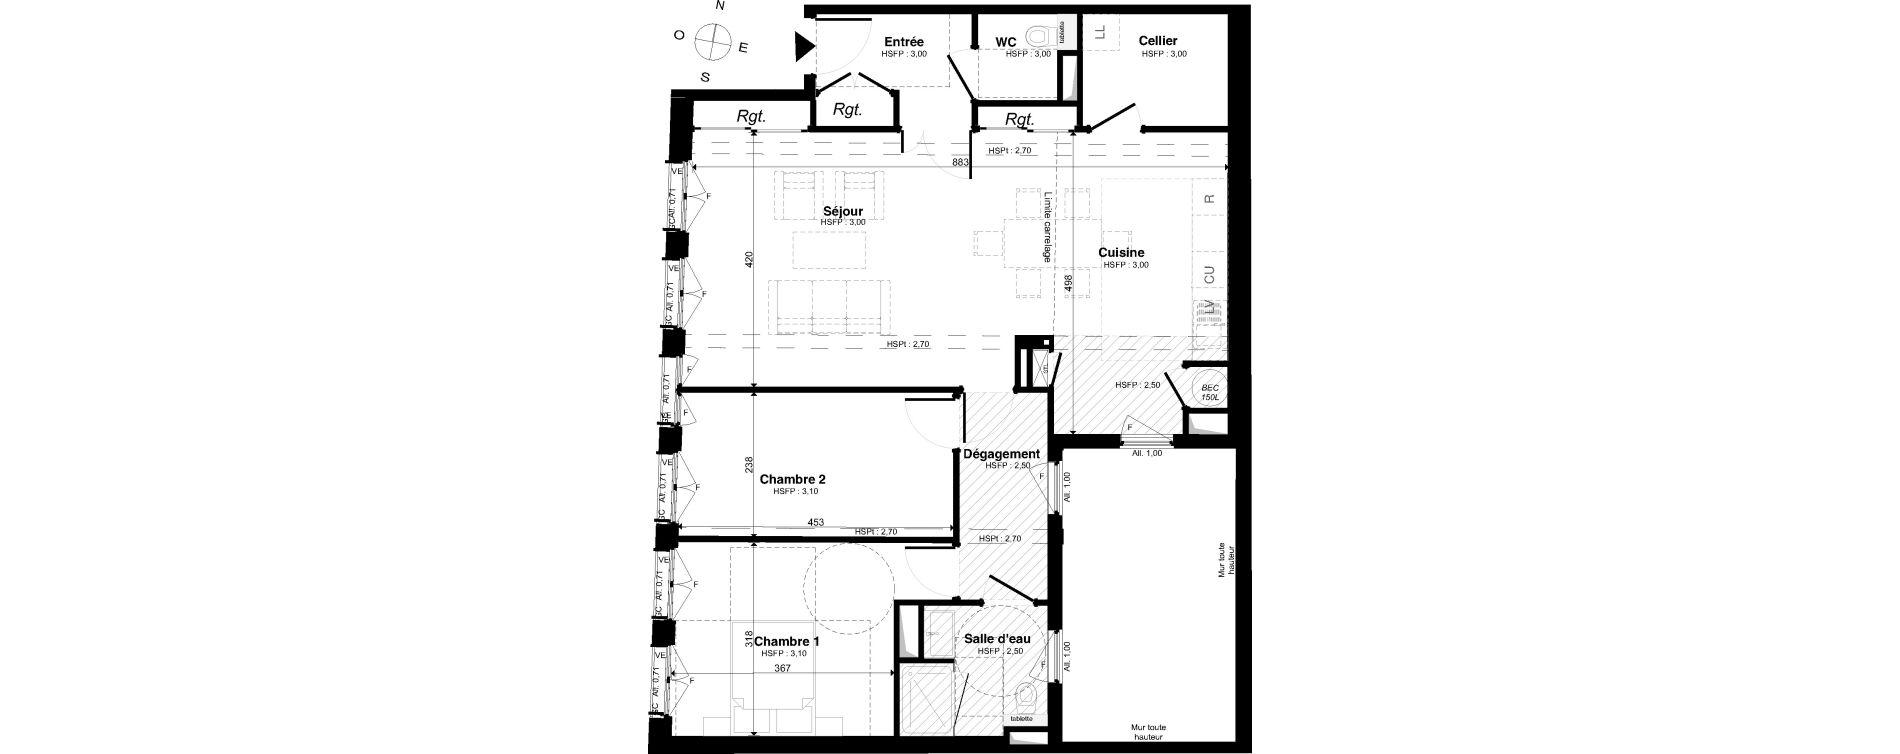 Appartement T3 de 84,37 m2 à Saint-Malo Intra-muros